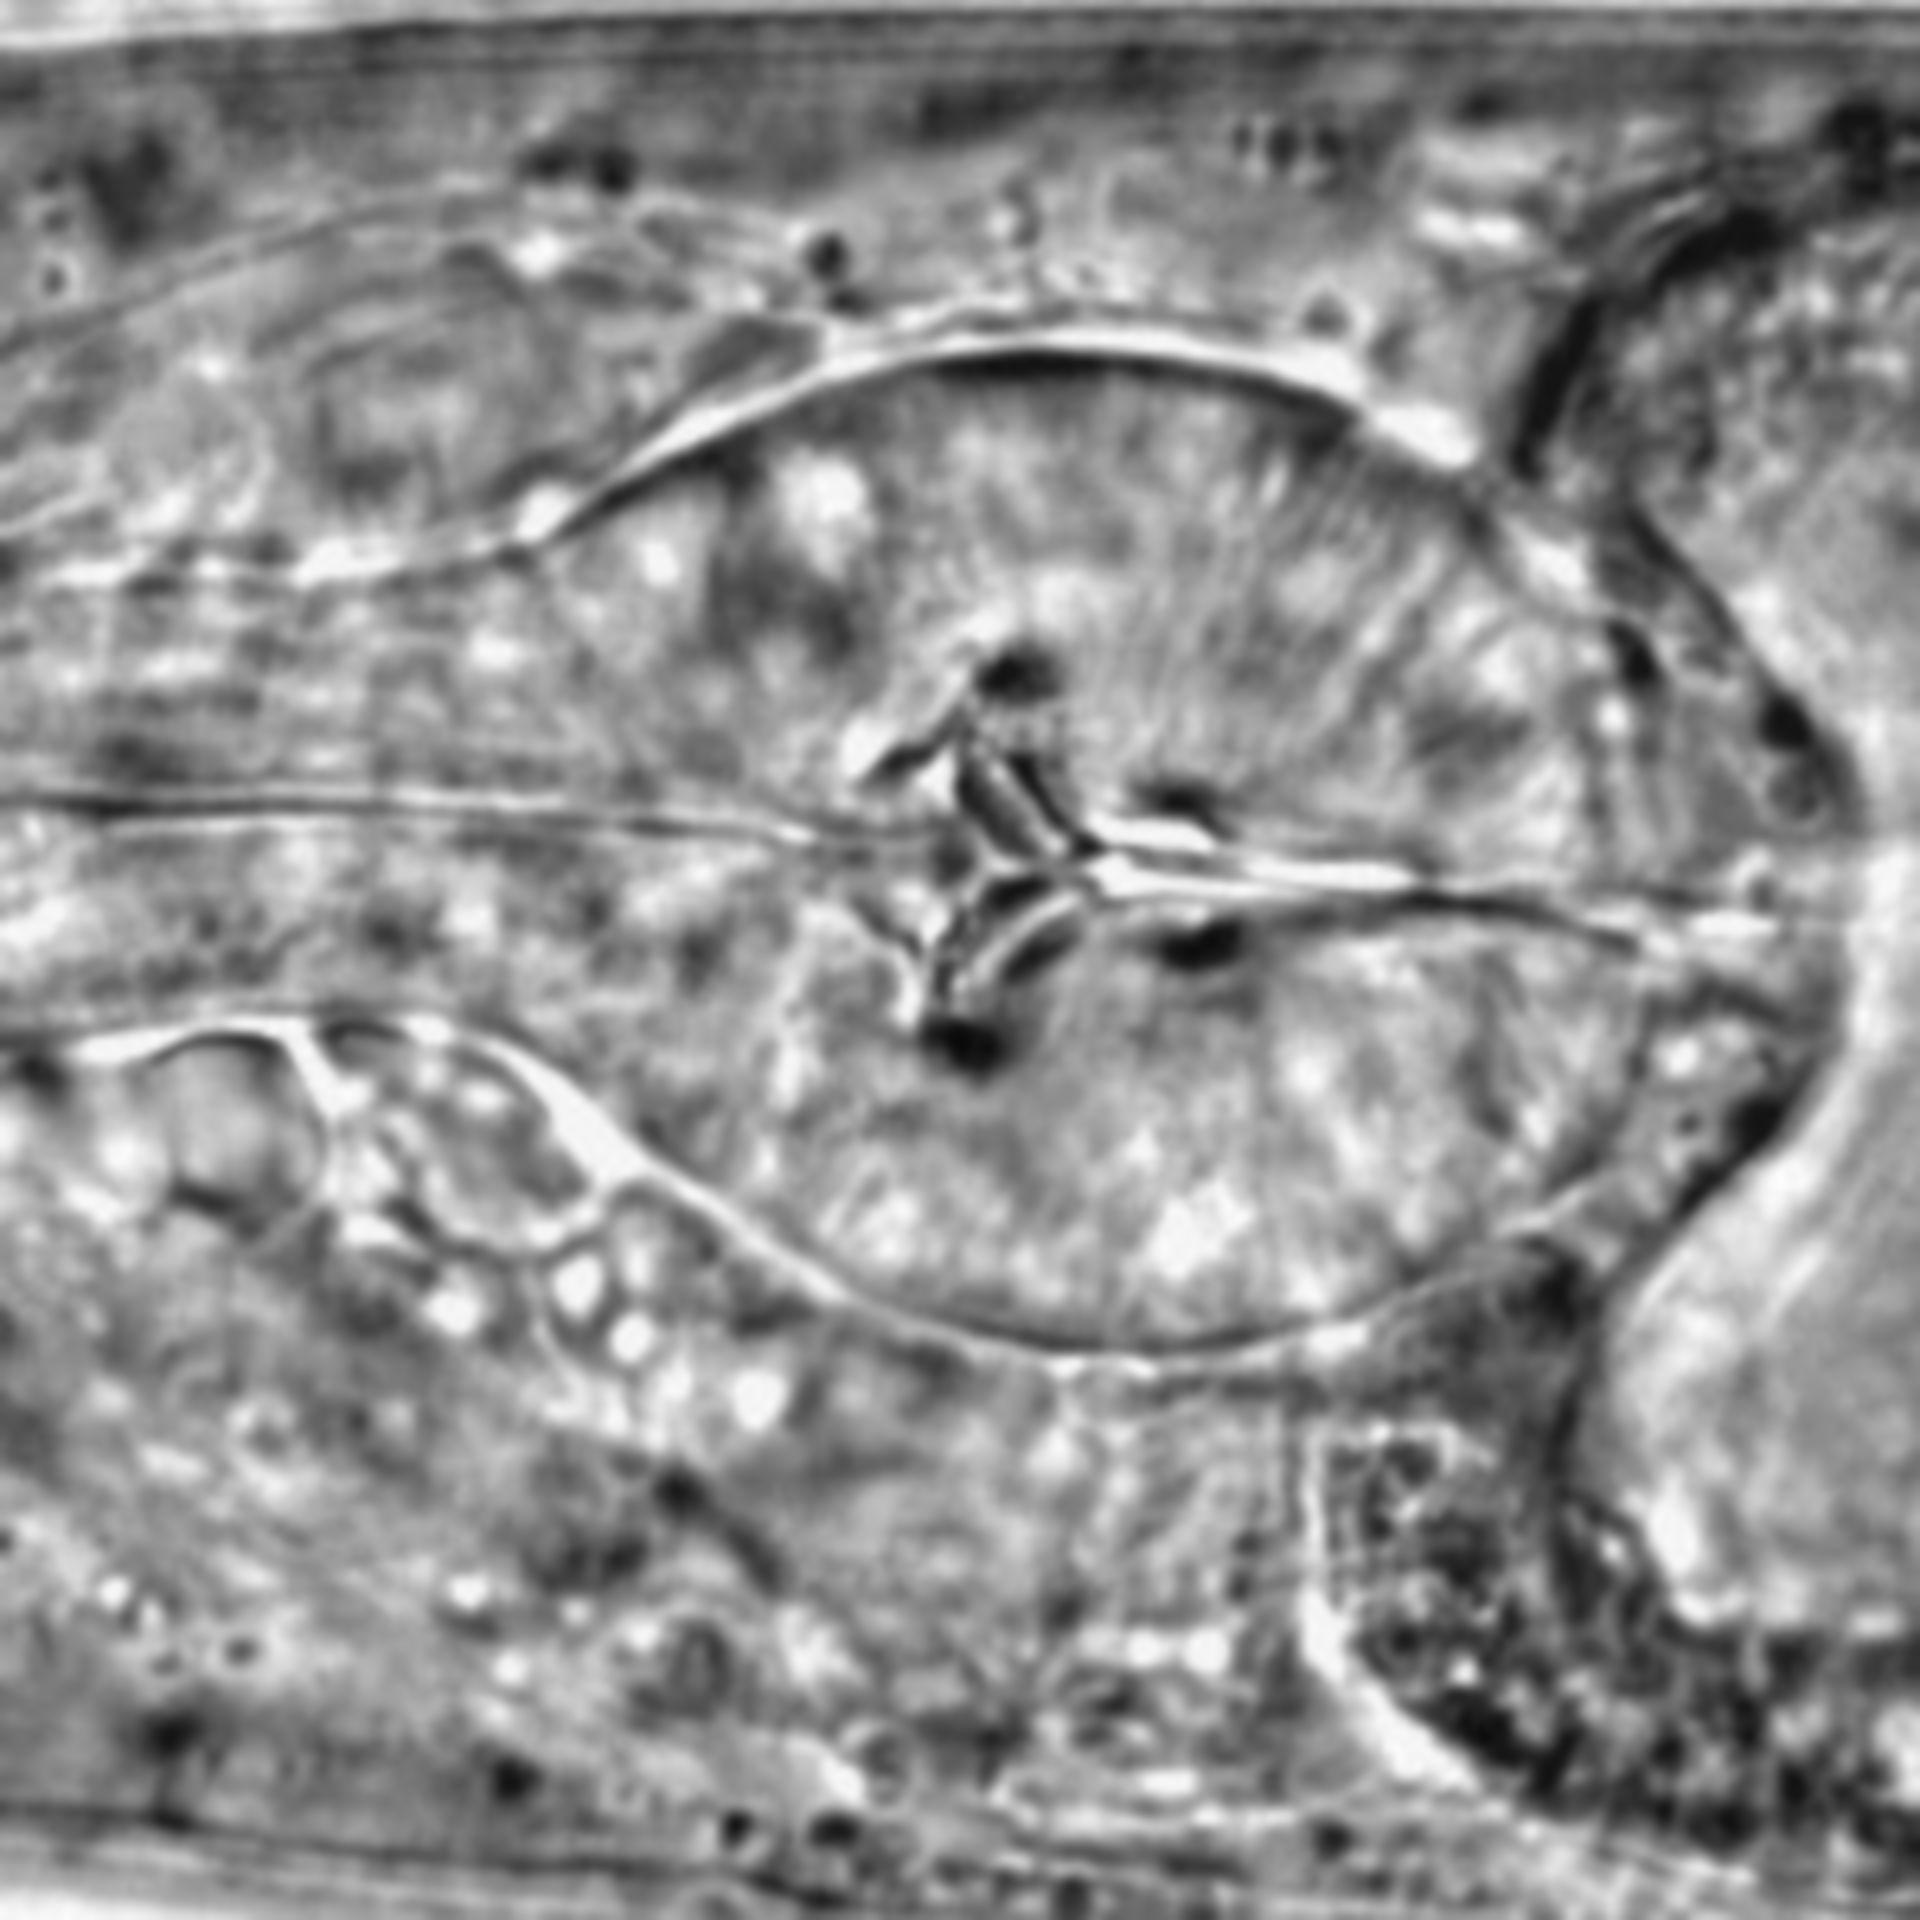 Caenorhabditis elegans - CIL:1622